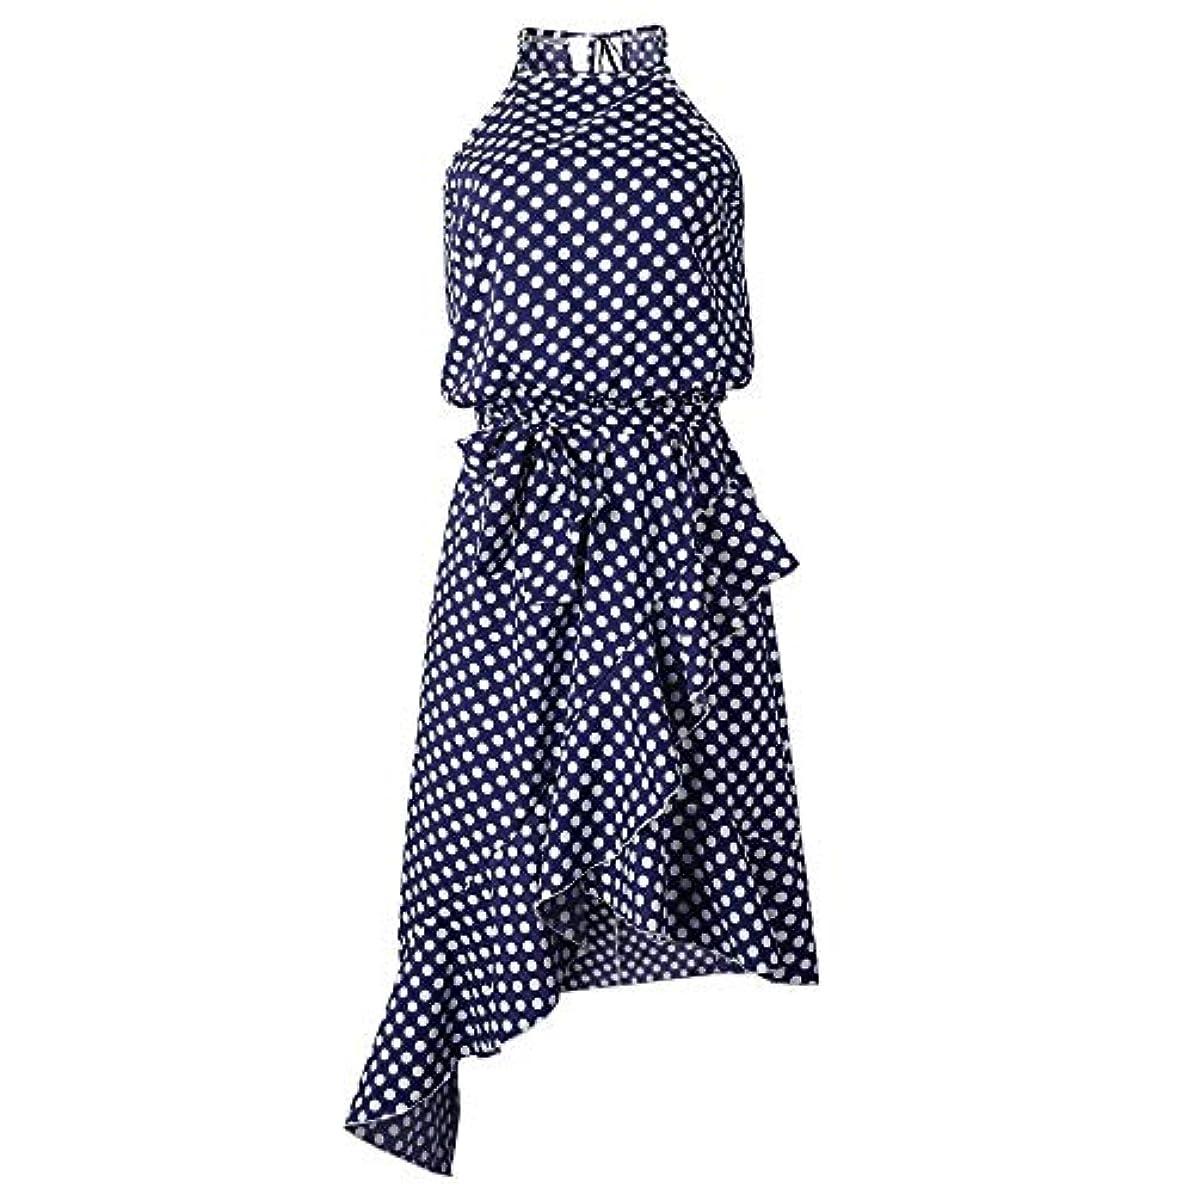 スリンク植物学者くすぐったいOnderroa - 夏のドレスの女性の新しいファッションホルターポルカドットプリントカジュアルドレスレディースフリルエレガントなドレス